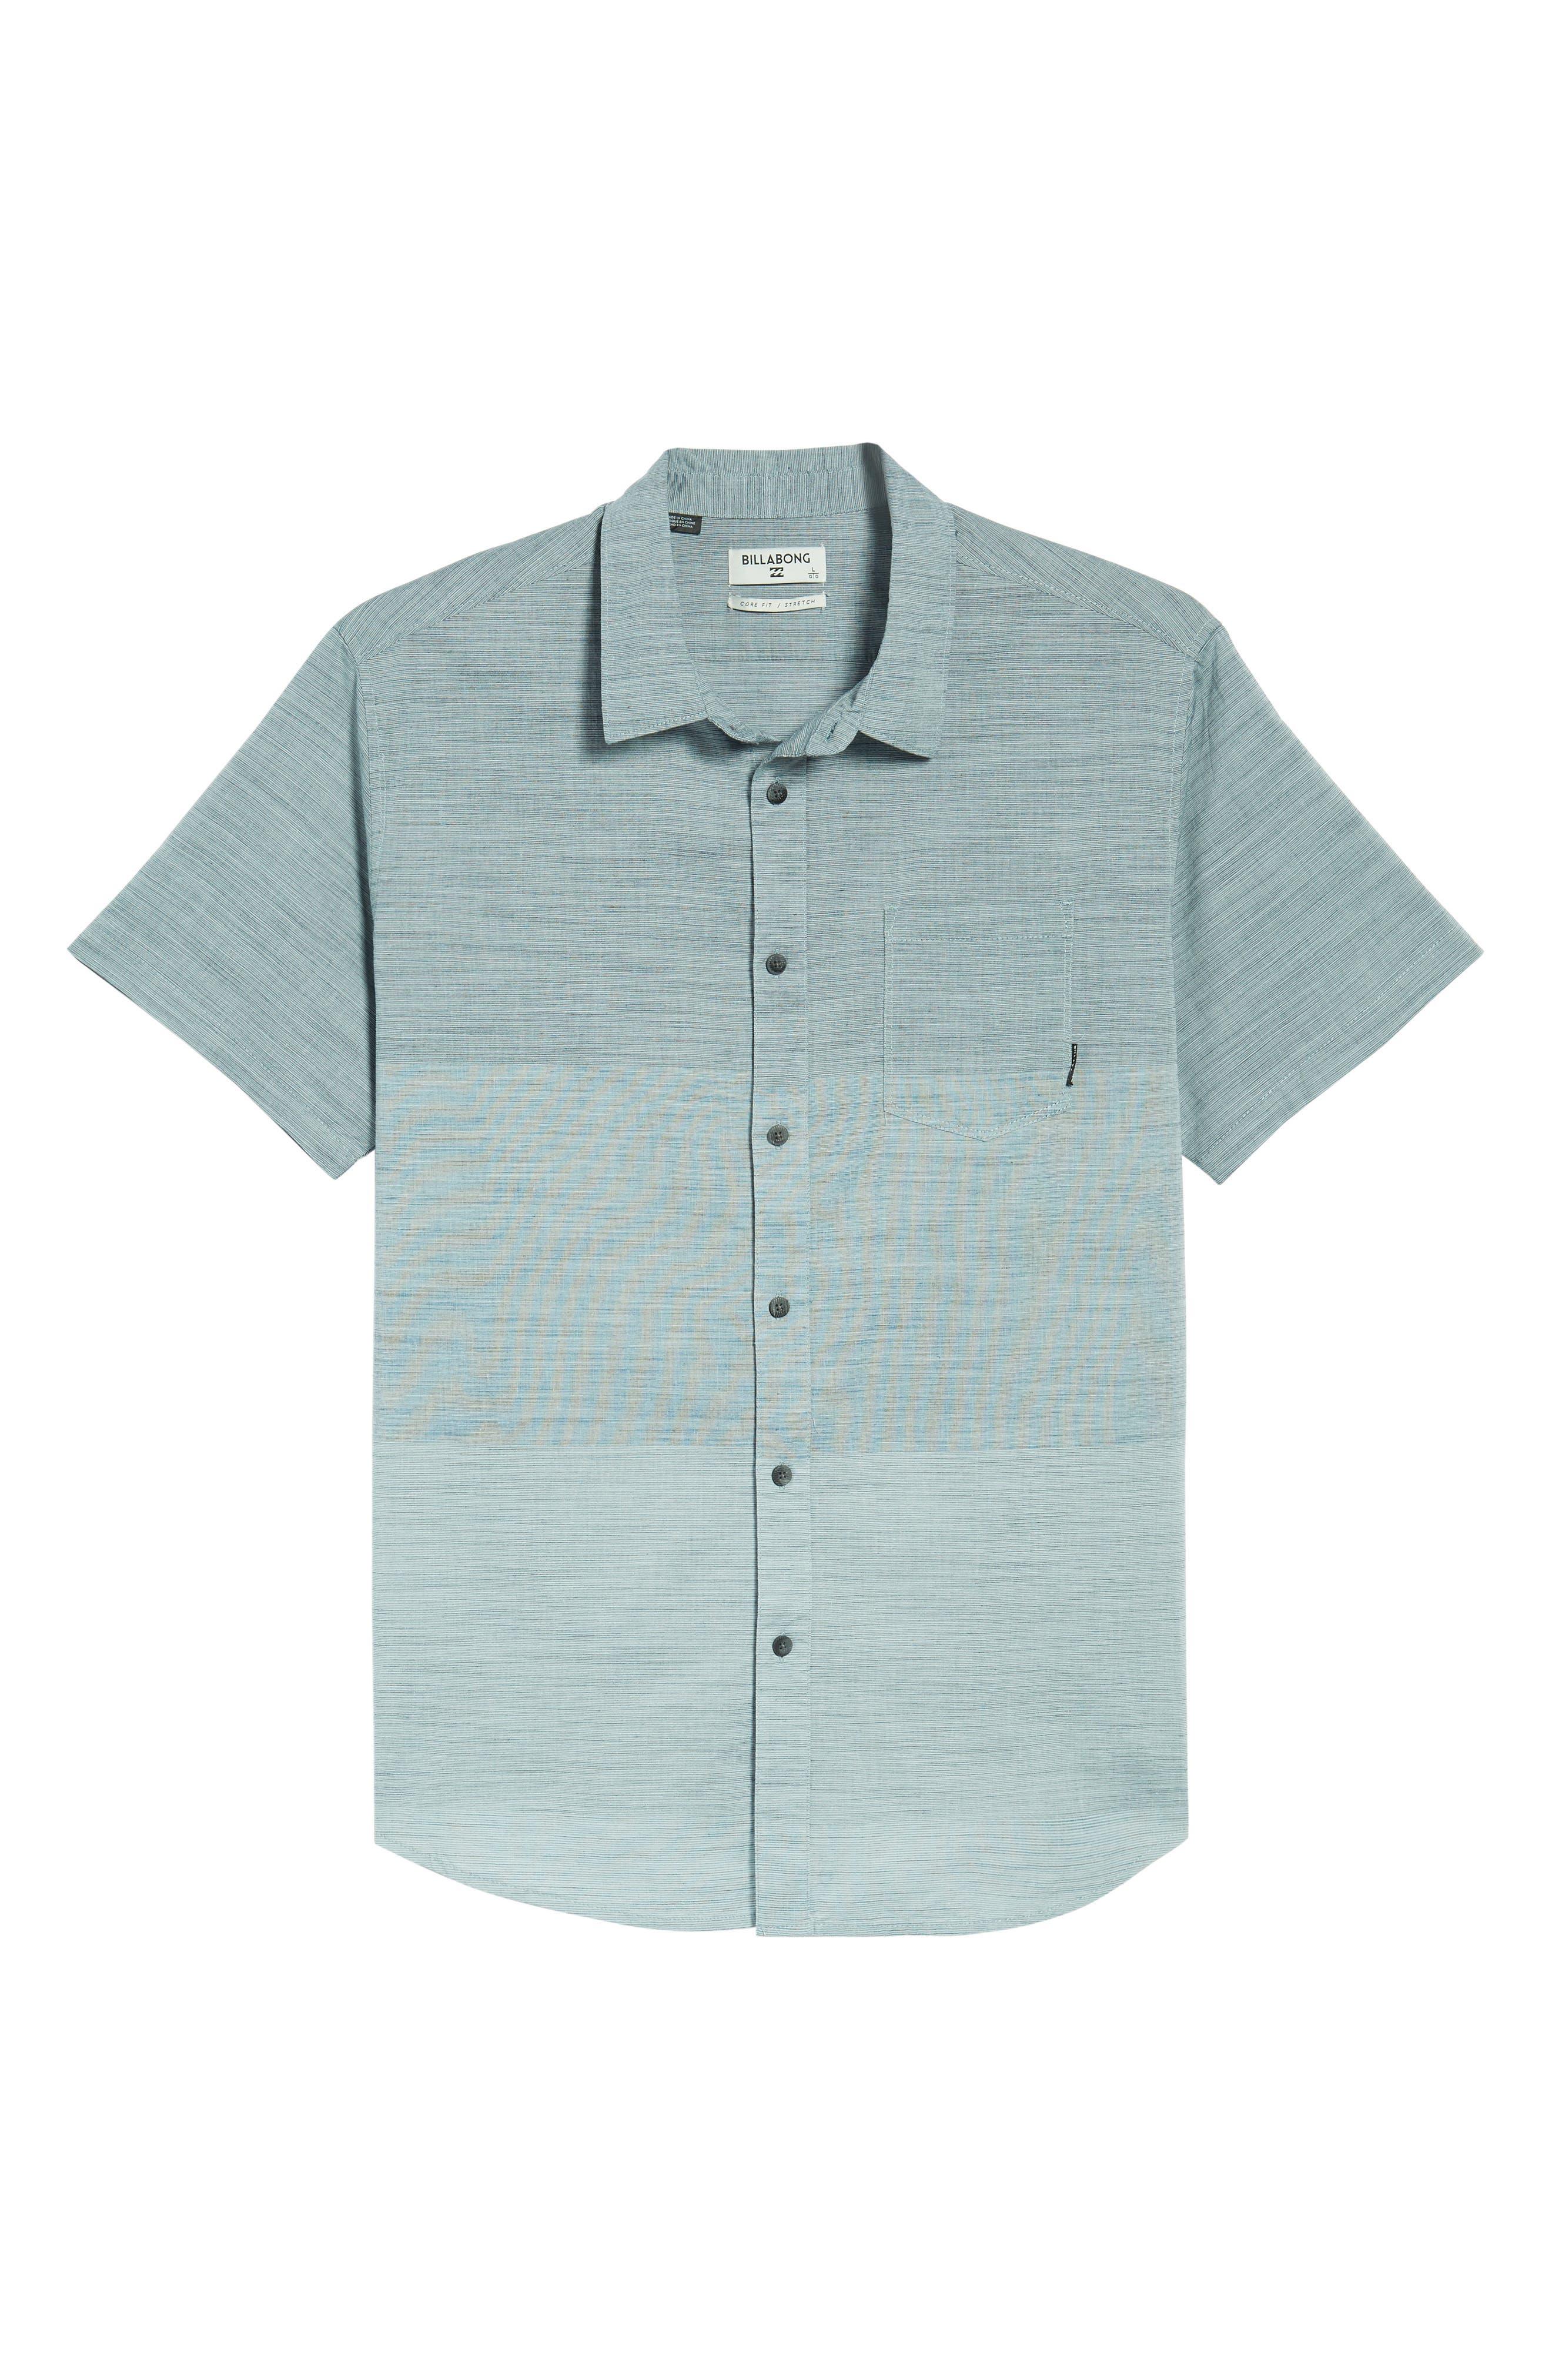 Faderade Short Sleeve Shirt,                         Main,                         color, Blue